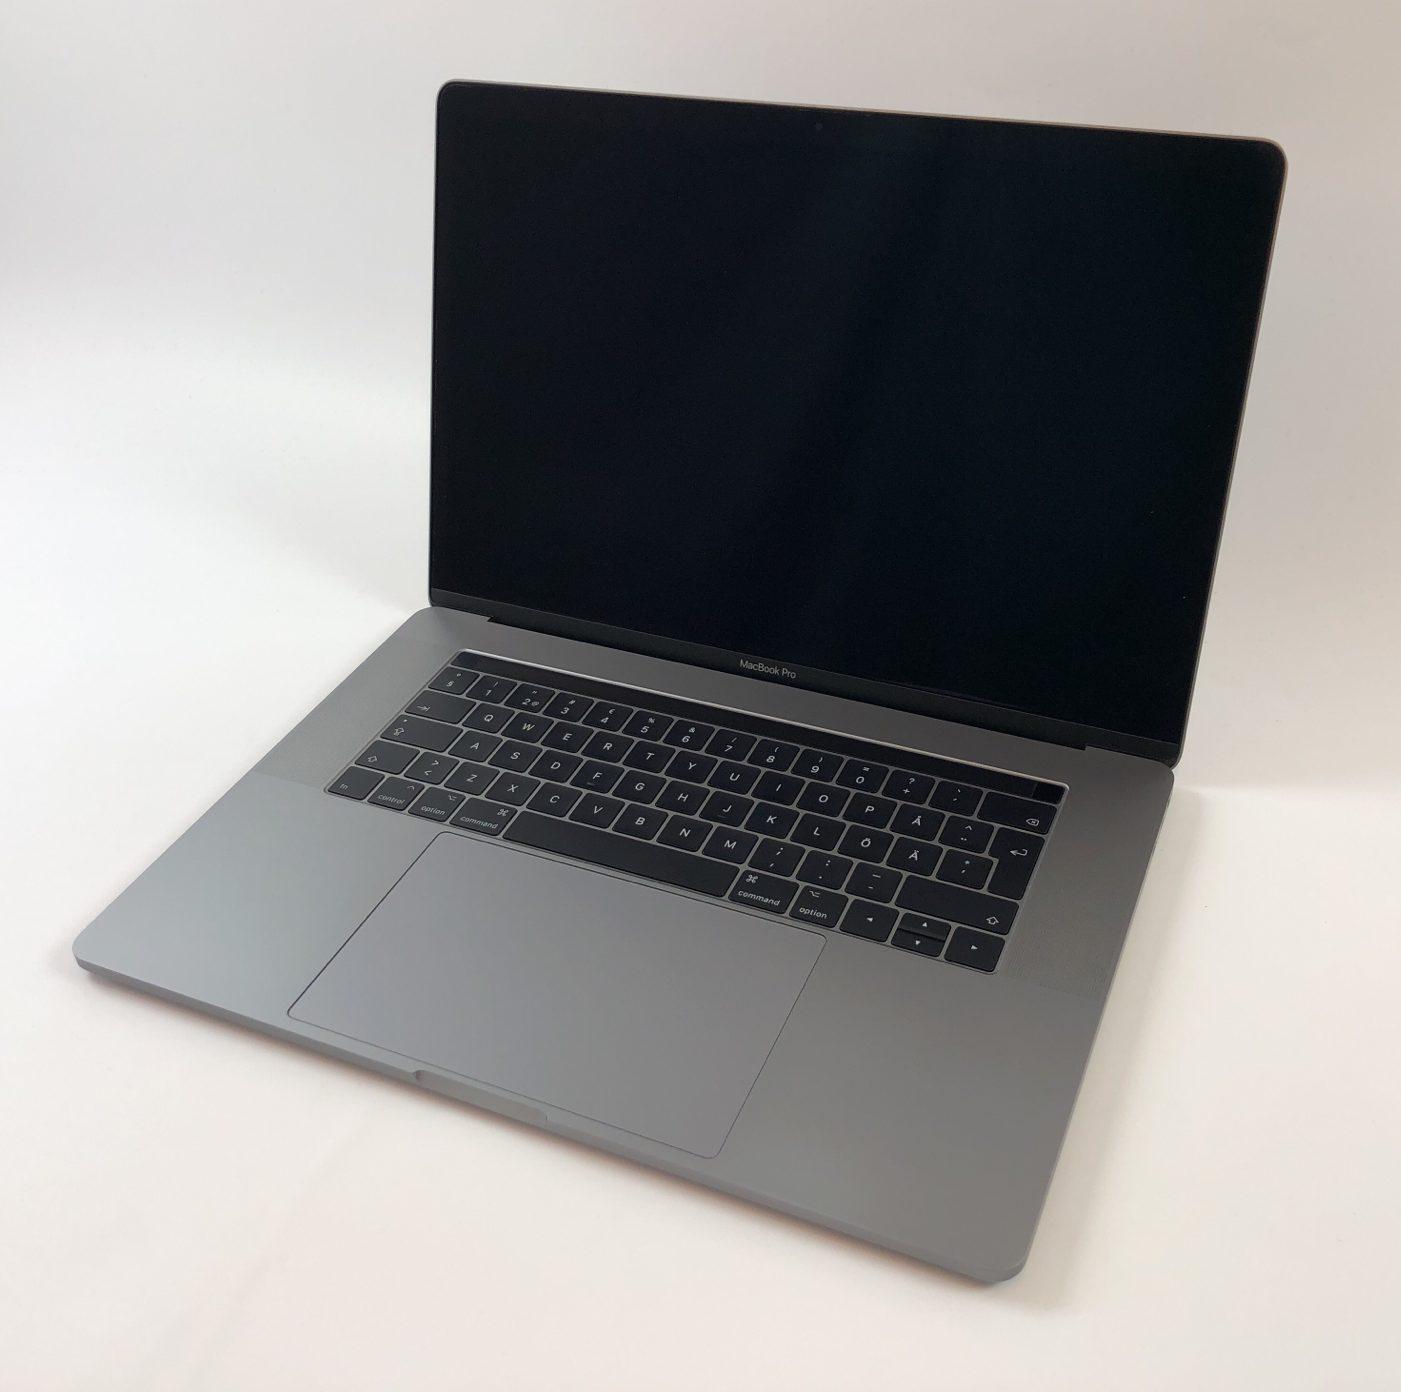 """MacBook Pro 15"""" Touch Bar Mid 2017 (Intel Quad-Core i7 2.9 GHz 16 GB RAM 512 GB SSD), Space Gray, Intel Quad-Core i7 2.9 GHz, 16 GB RAM, 512 GB SSD, Kuva 1"""